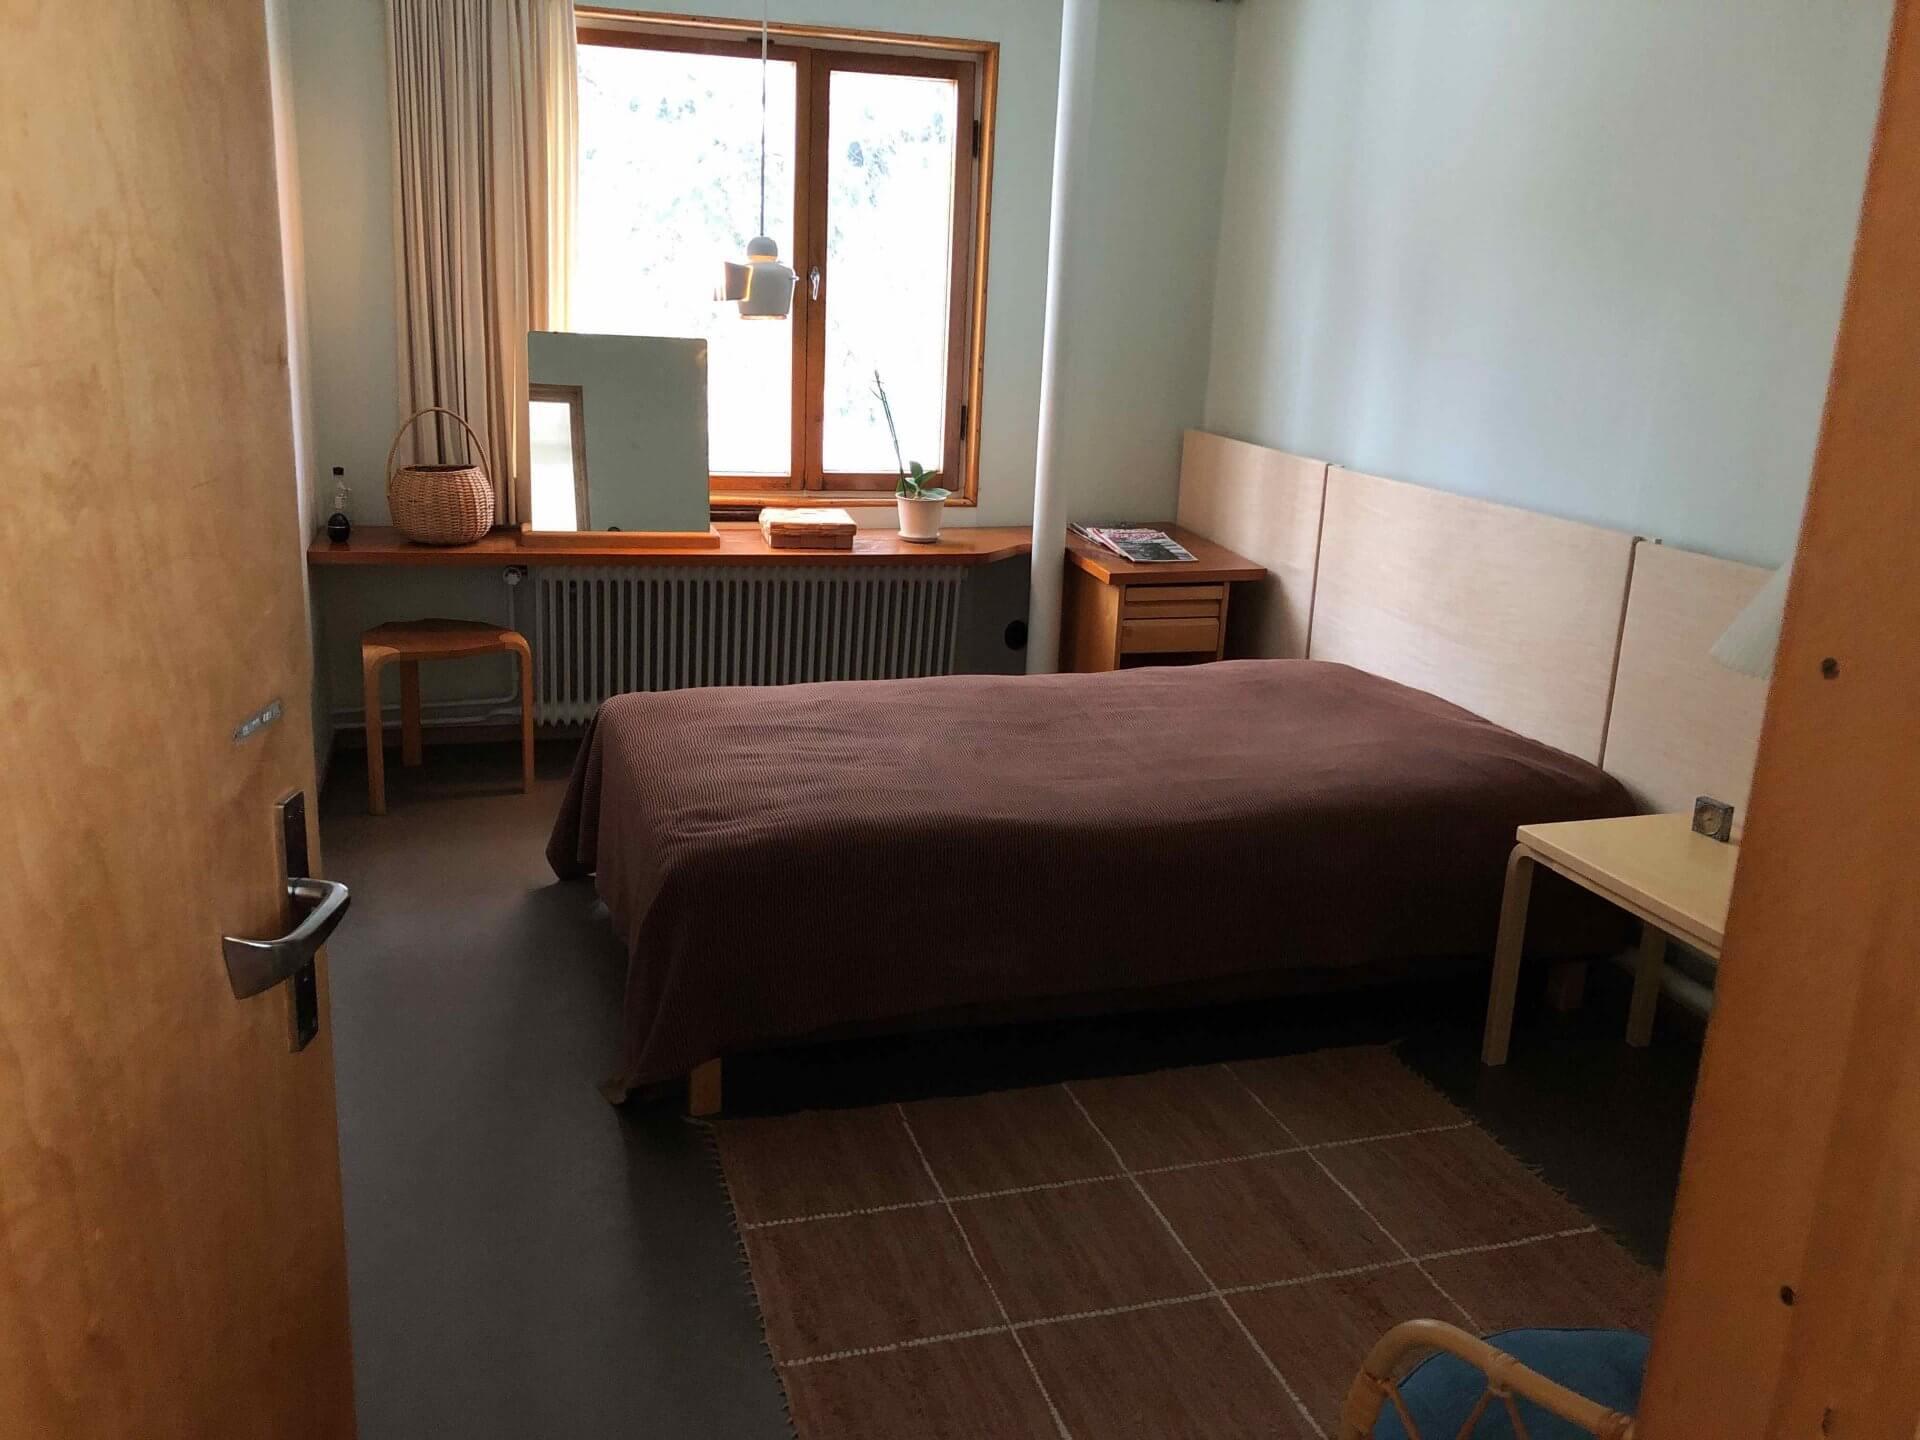 アアルト自邸2階の寝室兼子供部屋